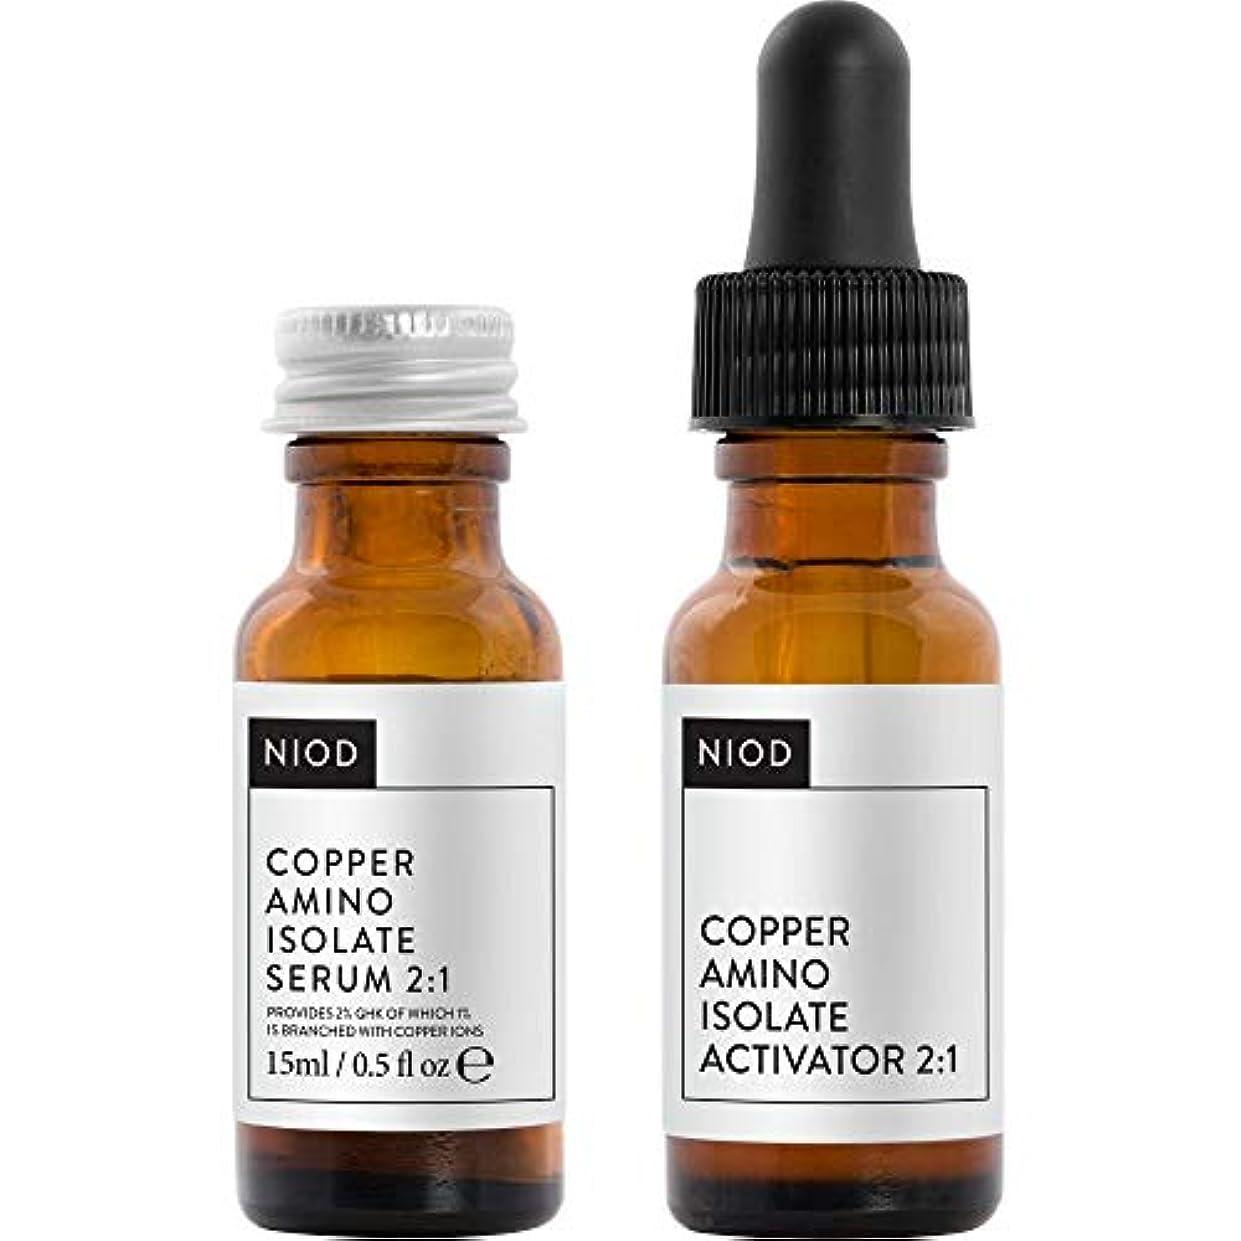 オープニング誰競合他社選手[NIOD] Niod銅アミノ分離株の血清2:1 15ミリリットル - NIOD Copper Amino Isolate Serum 2:1 15ml [並行輸入品]